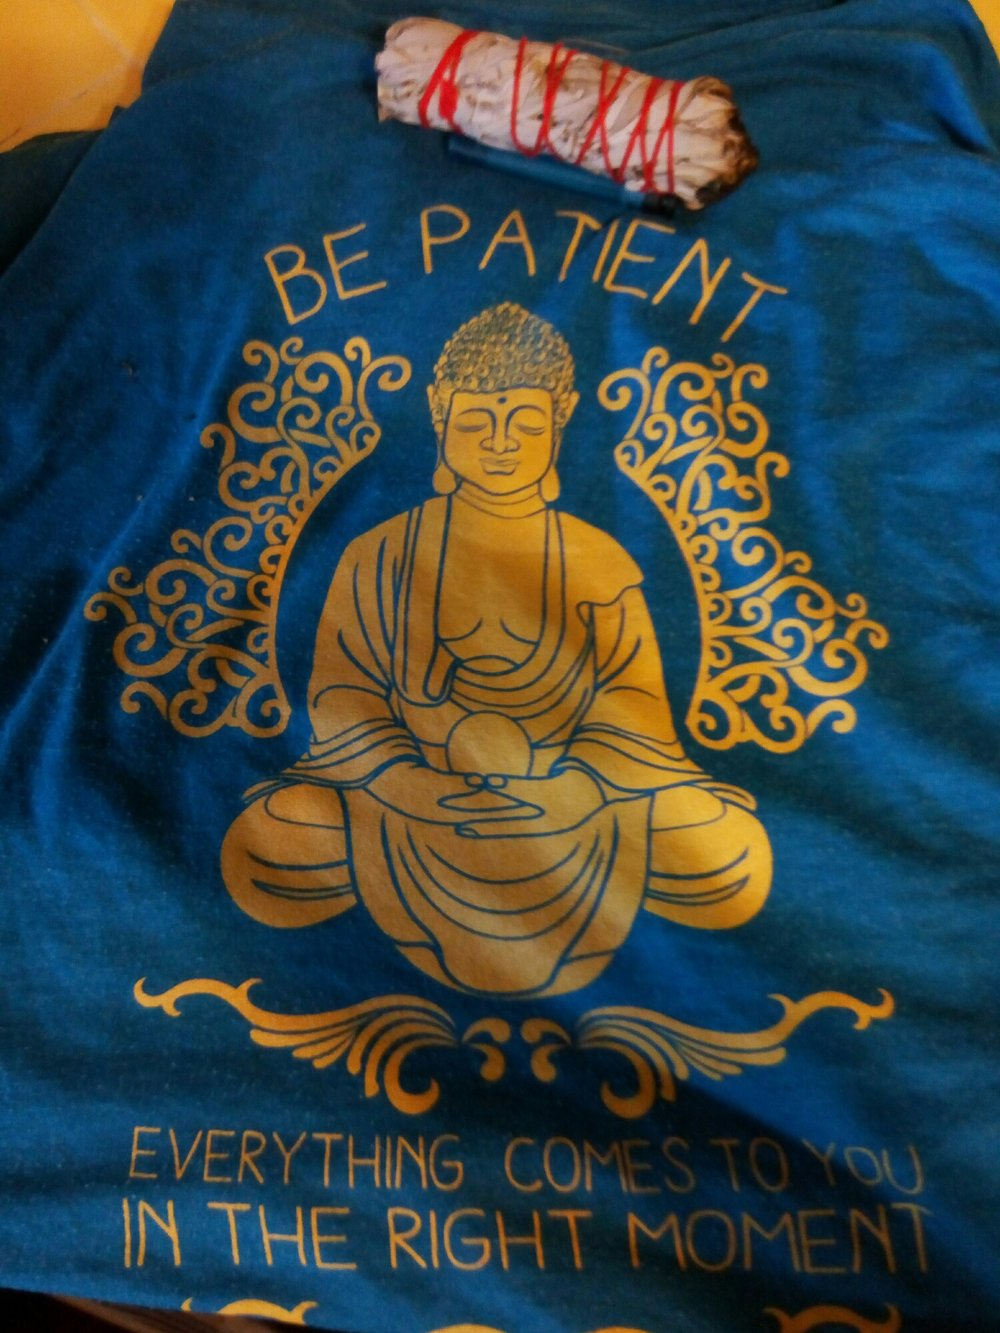 Be patient .....